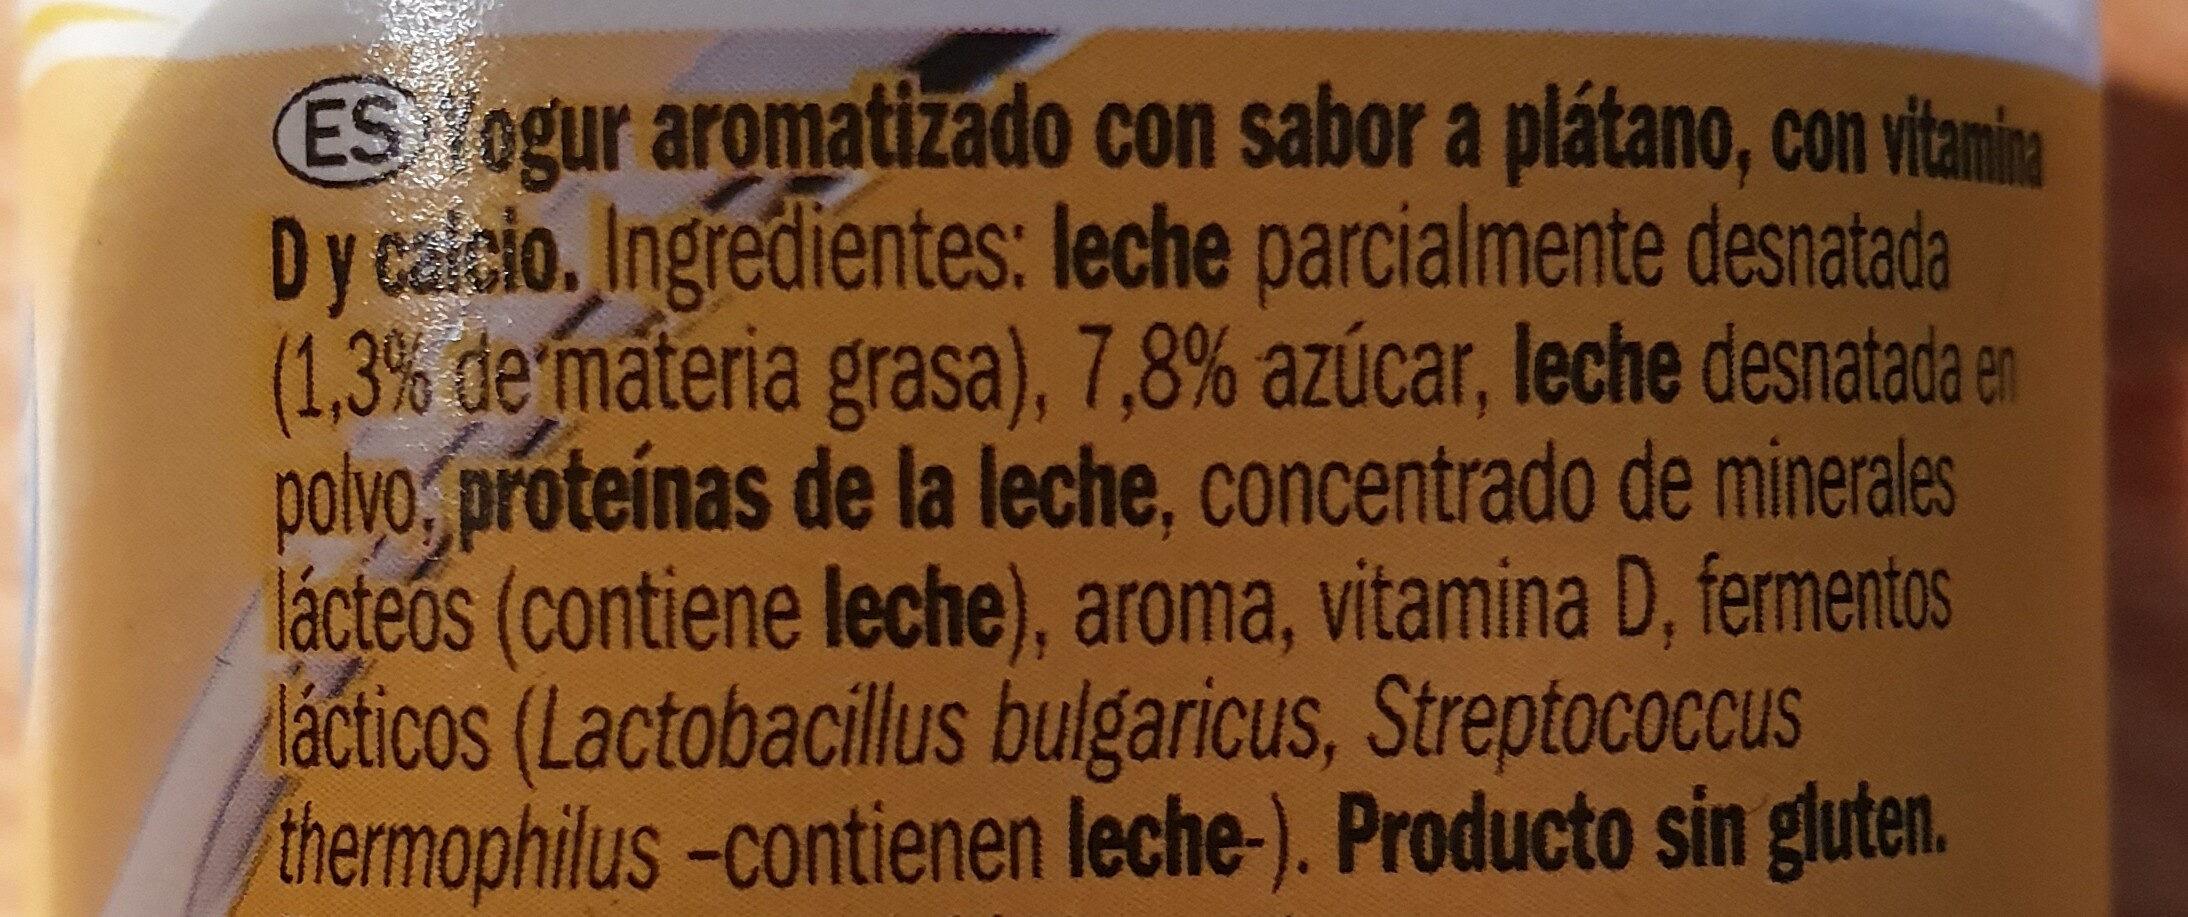 Yogur sabor platano - Ingredients